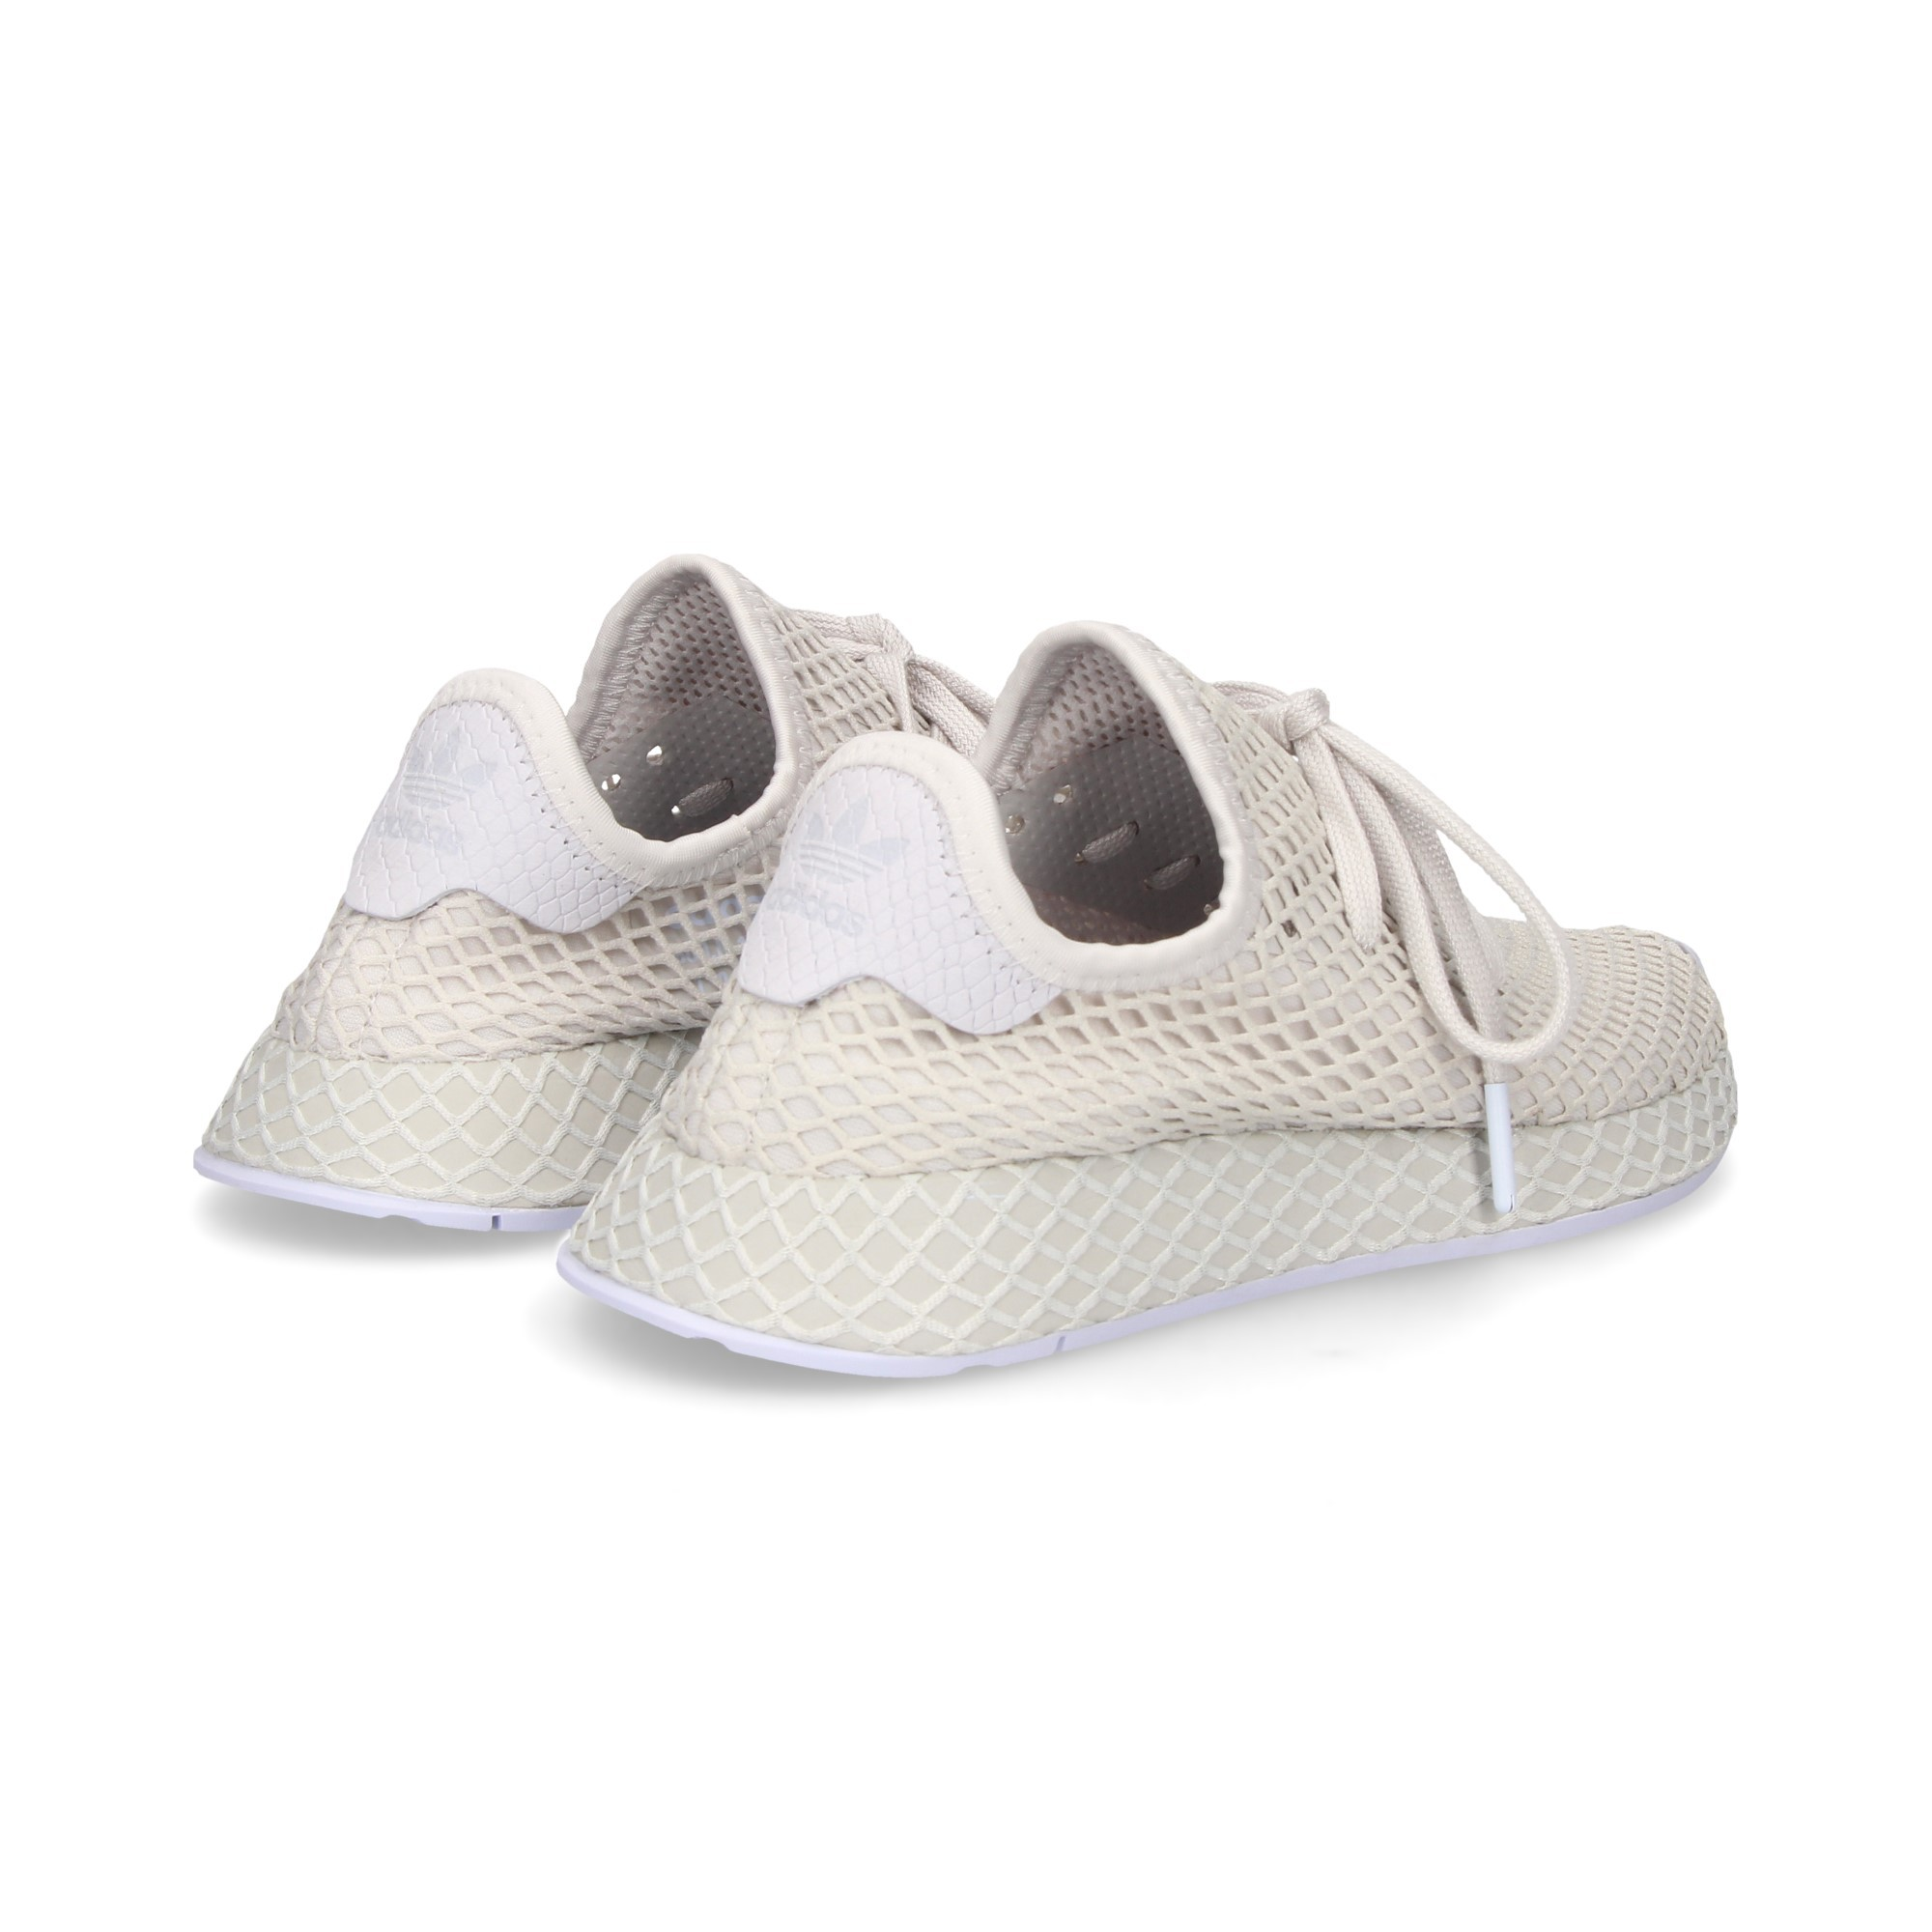 low priced b8816 712de ADIDAS Chaussures de sport pour femmes DEERUPT GRIS